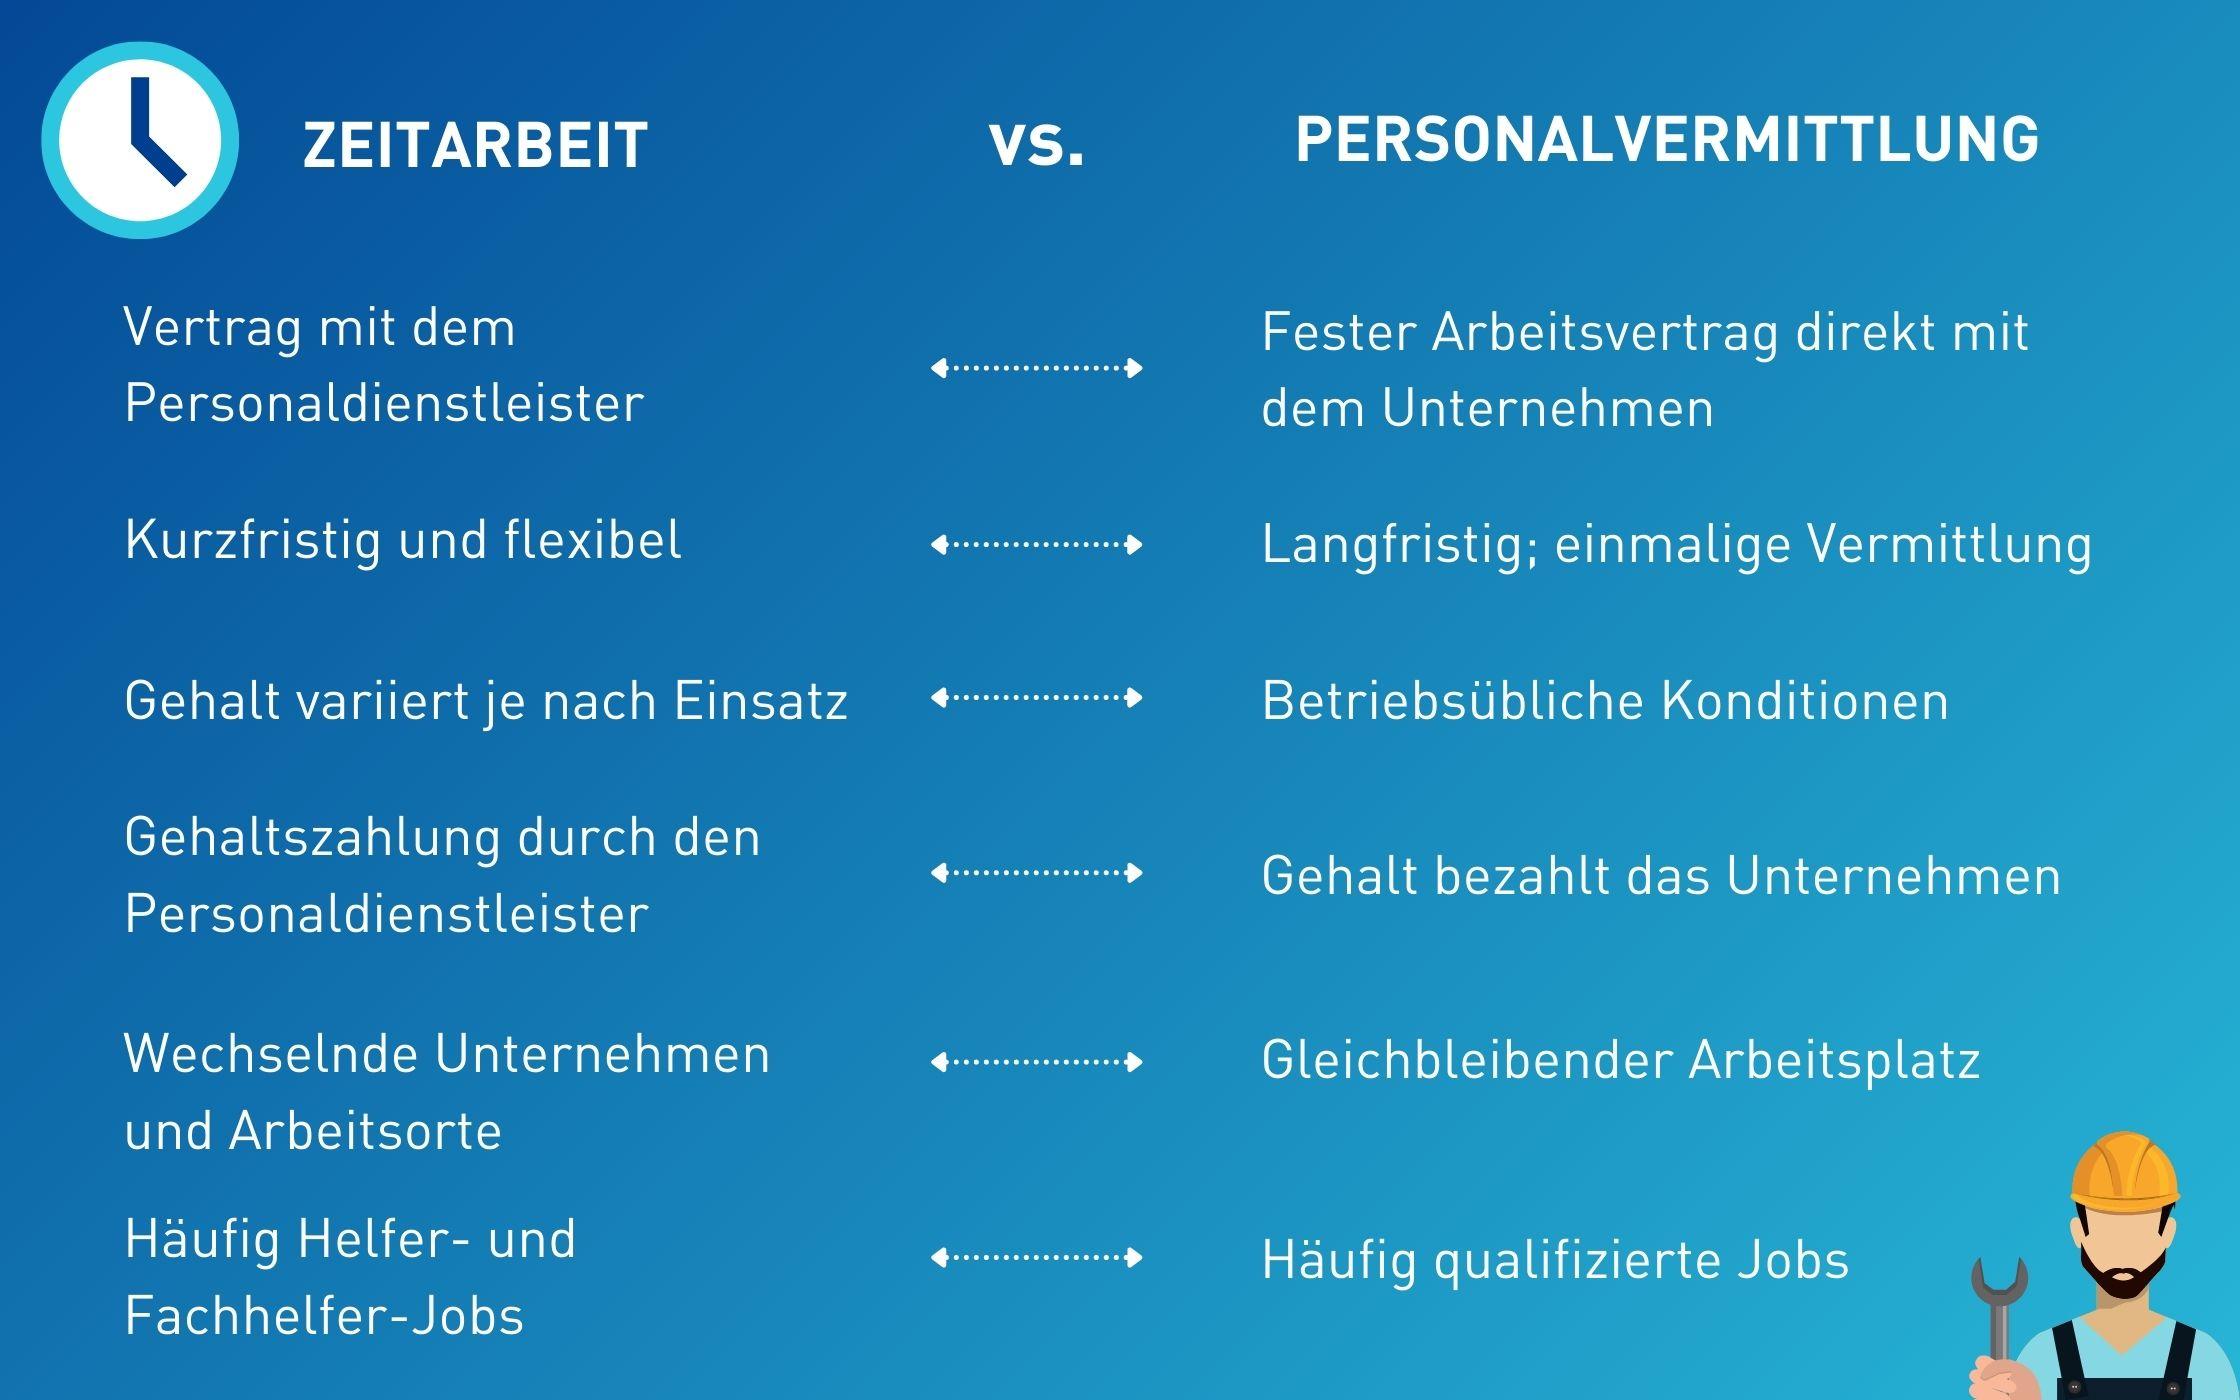 Unterschied zwischen Zeitarbeit und Personalvermittlung